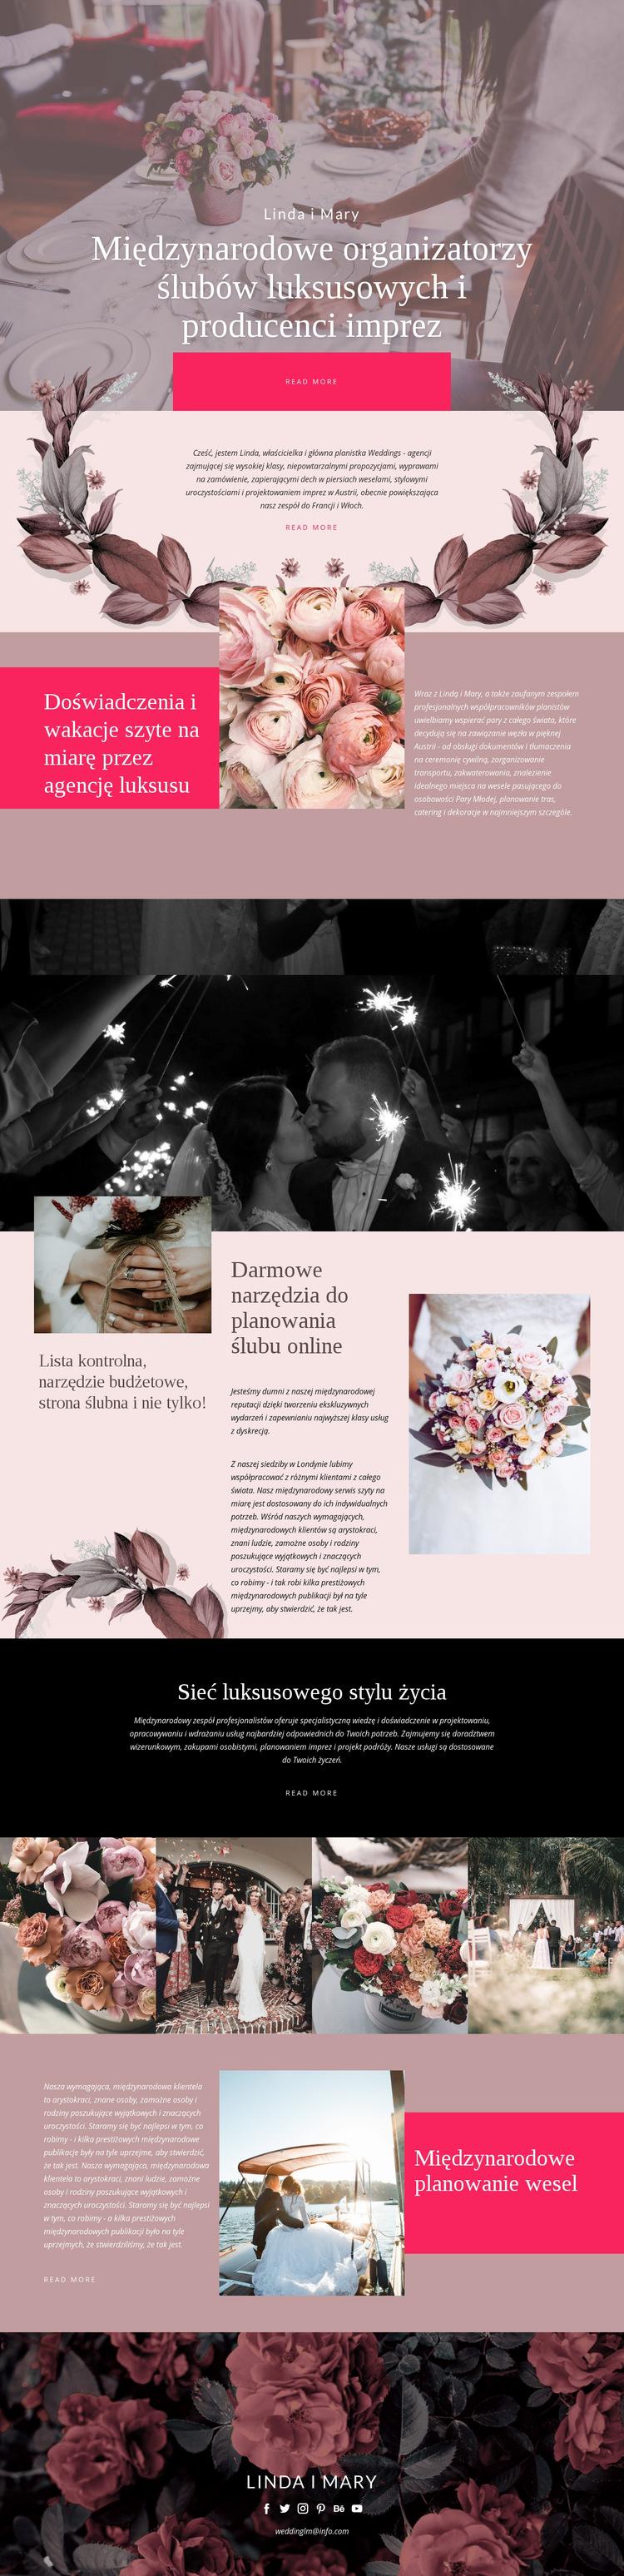 Producenci luksusowych ślubów Szablon witryny sieci Web